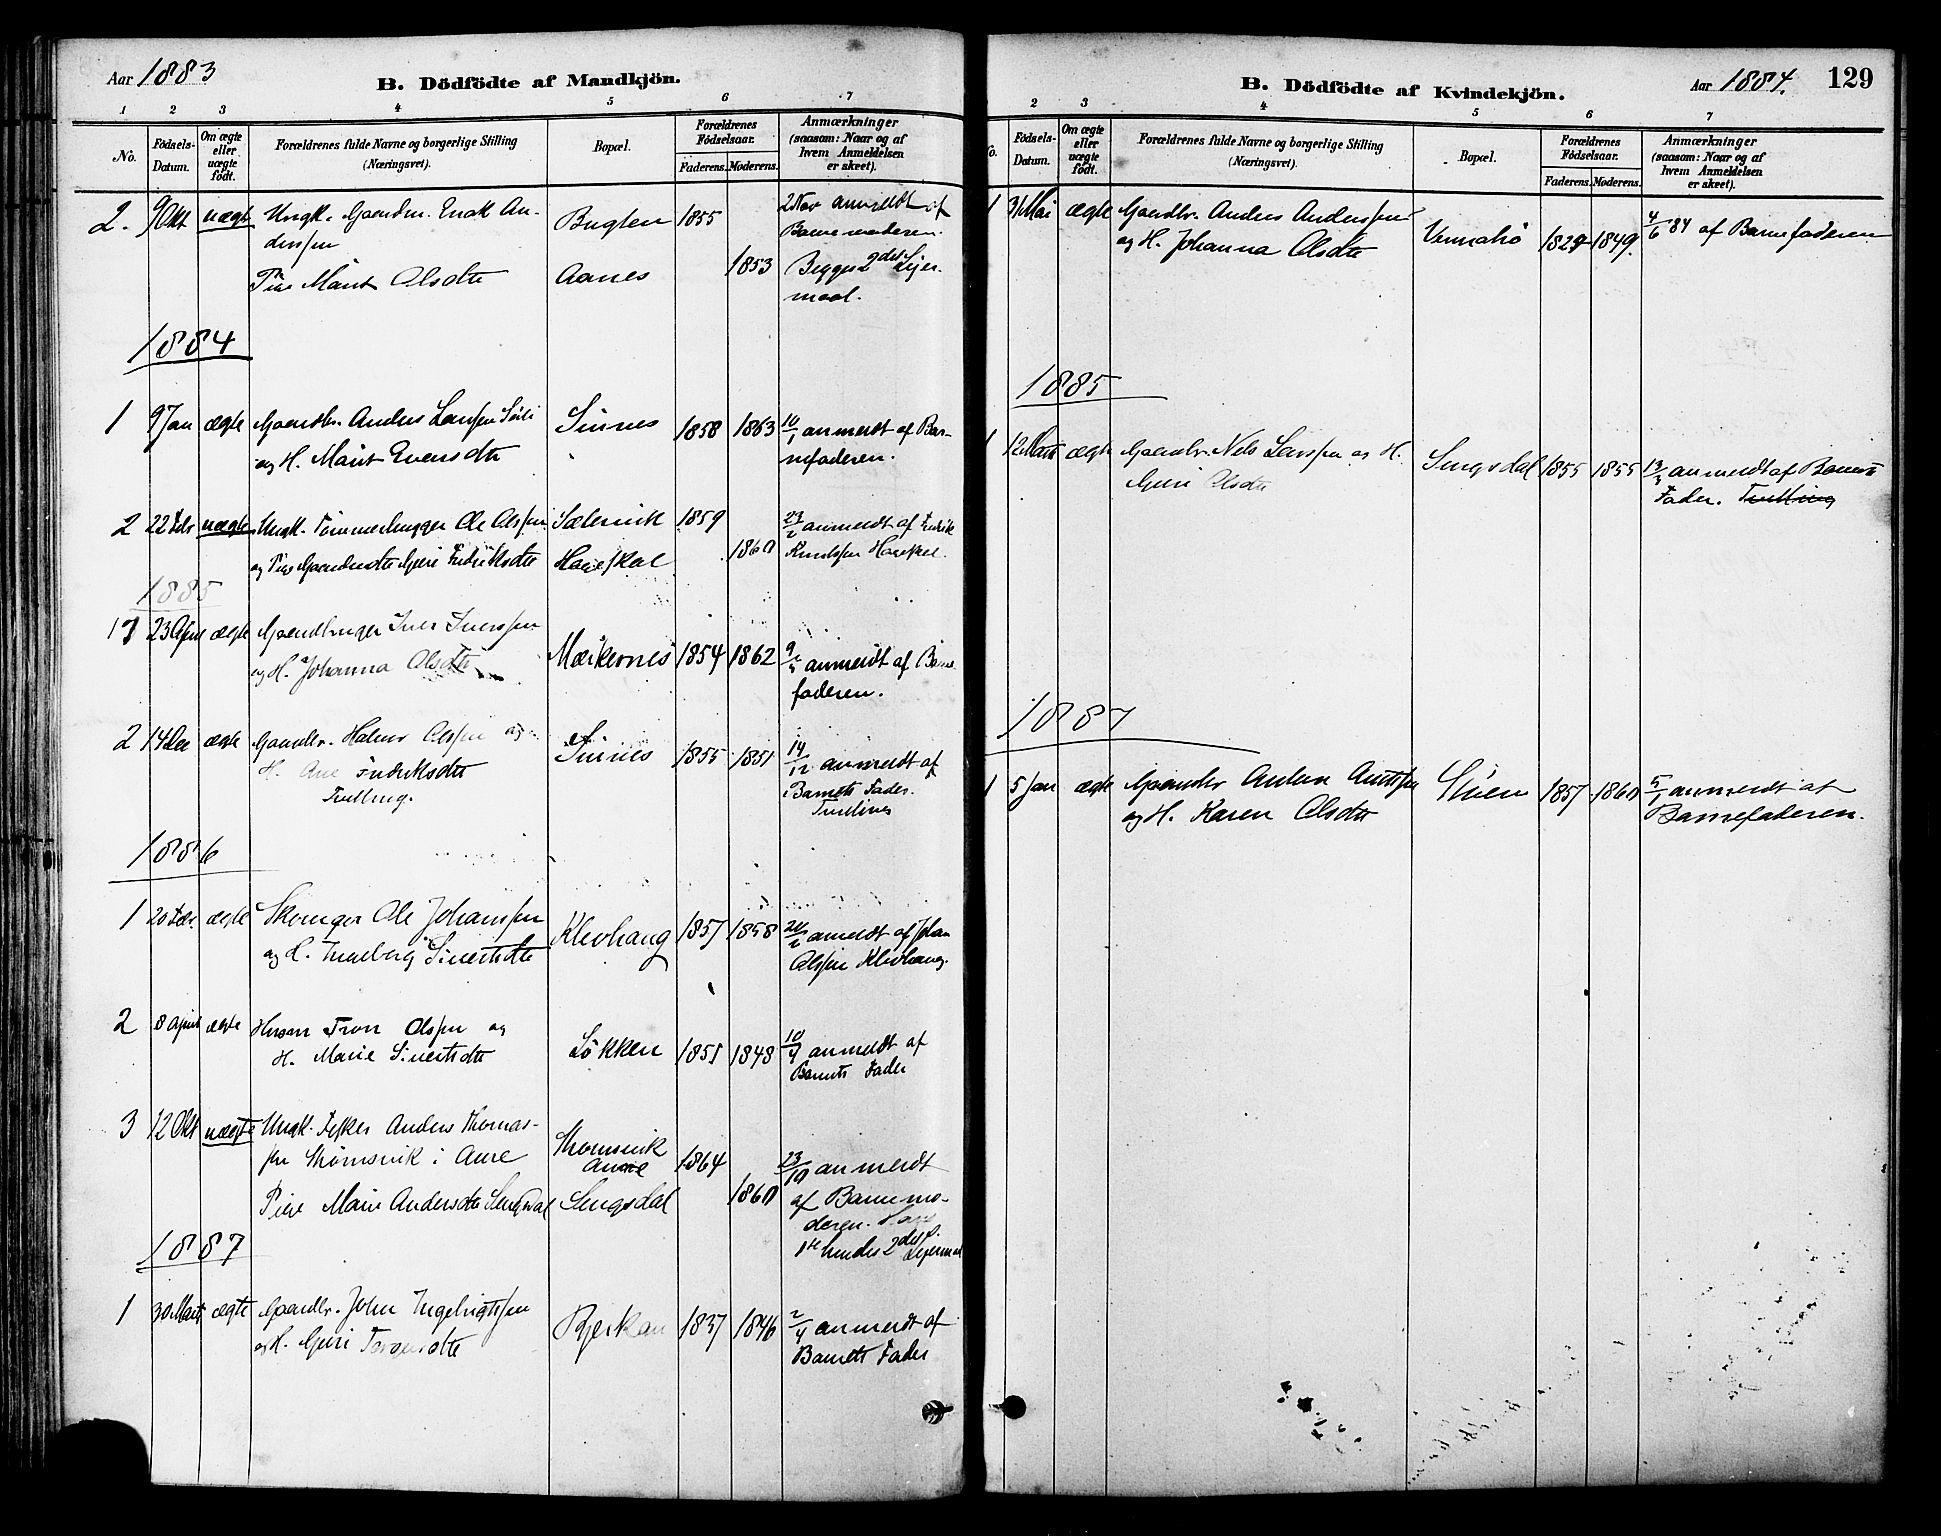 SAT, Ministerialprotokoller, klokkerbøker og fødselsregistre - Sør-Trøndelag, 630/L0496: Ministerialbok nr. 630A09, 1879-1895, s. 129